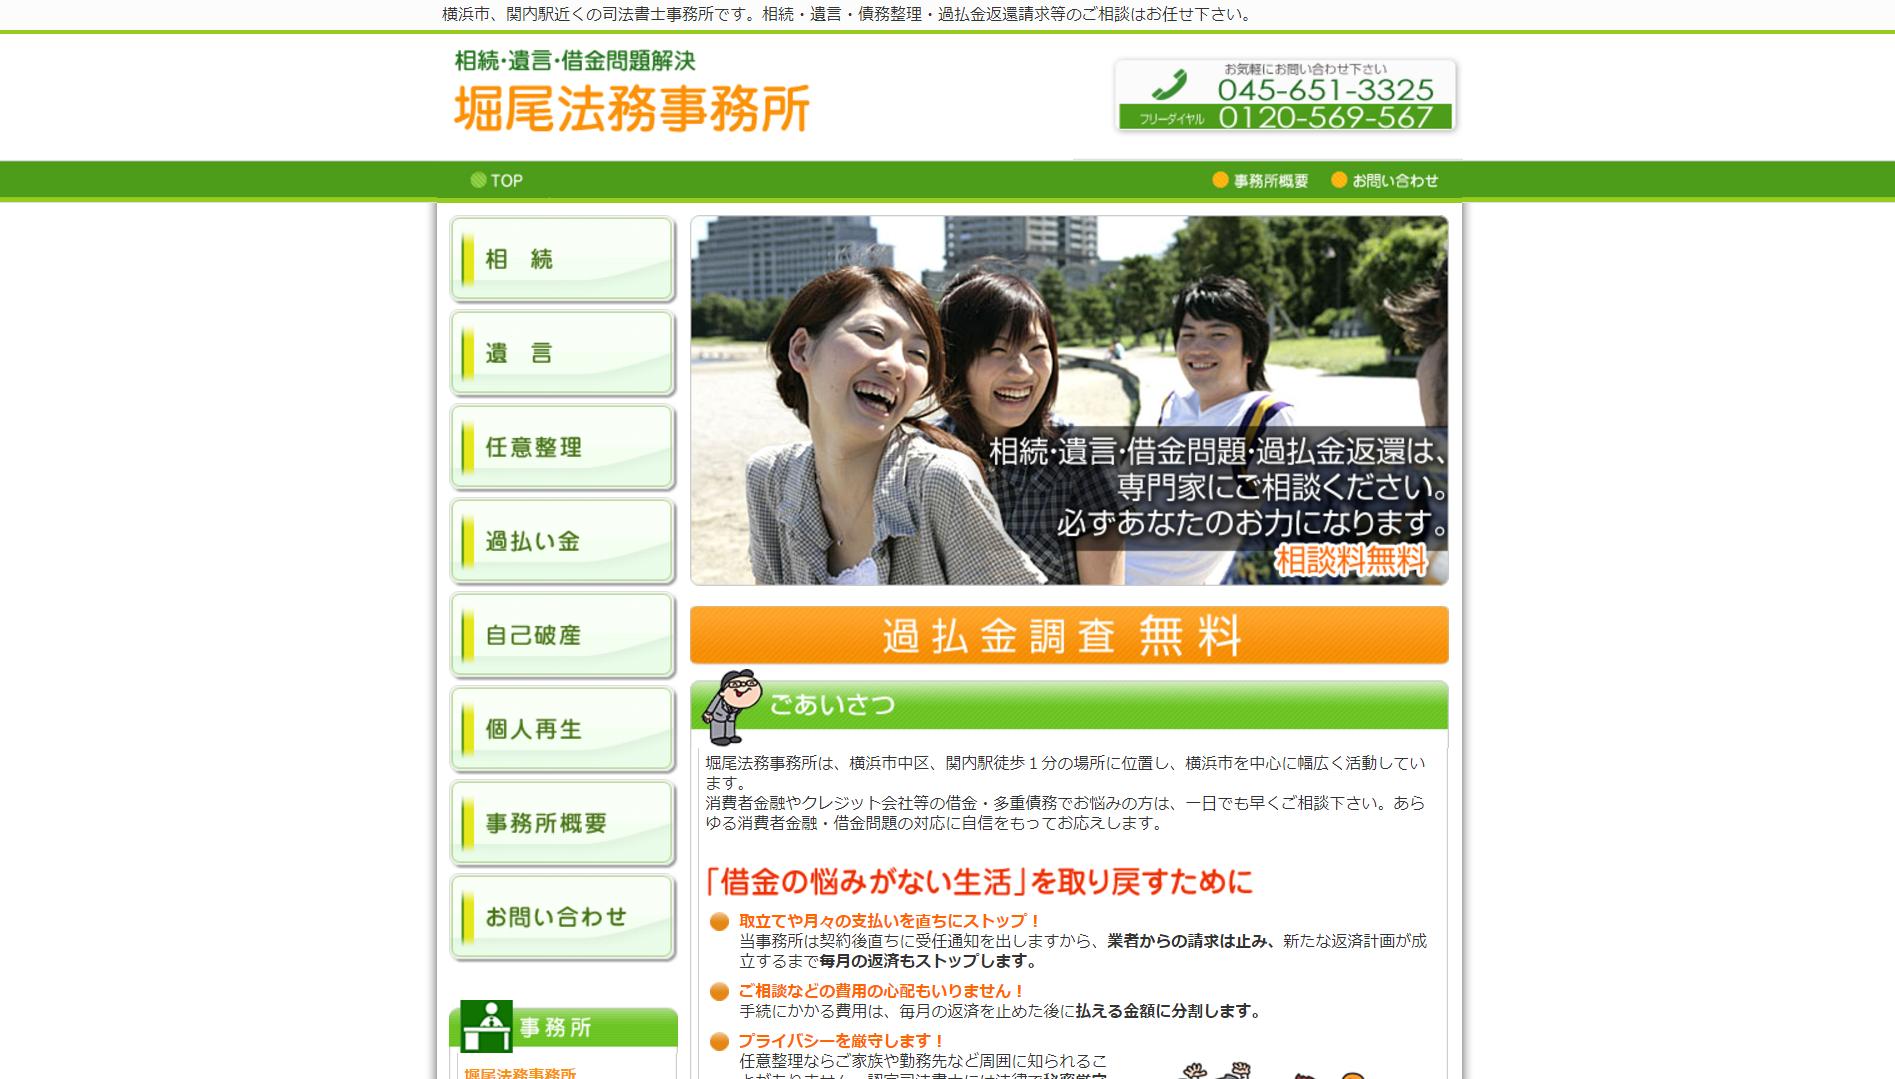 堀尾法務事務所(神奈川県横浜市中区)